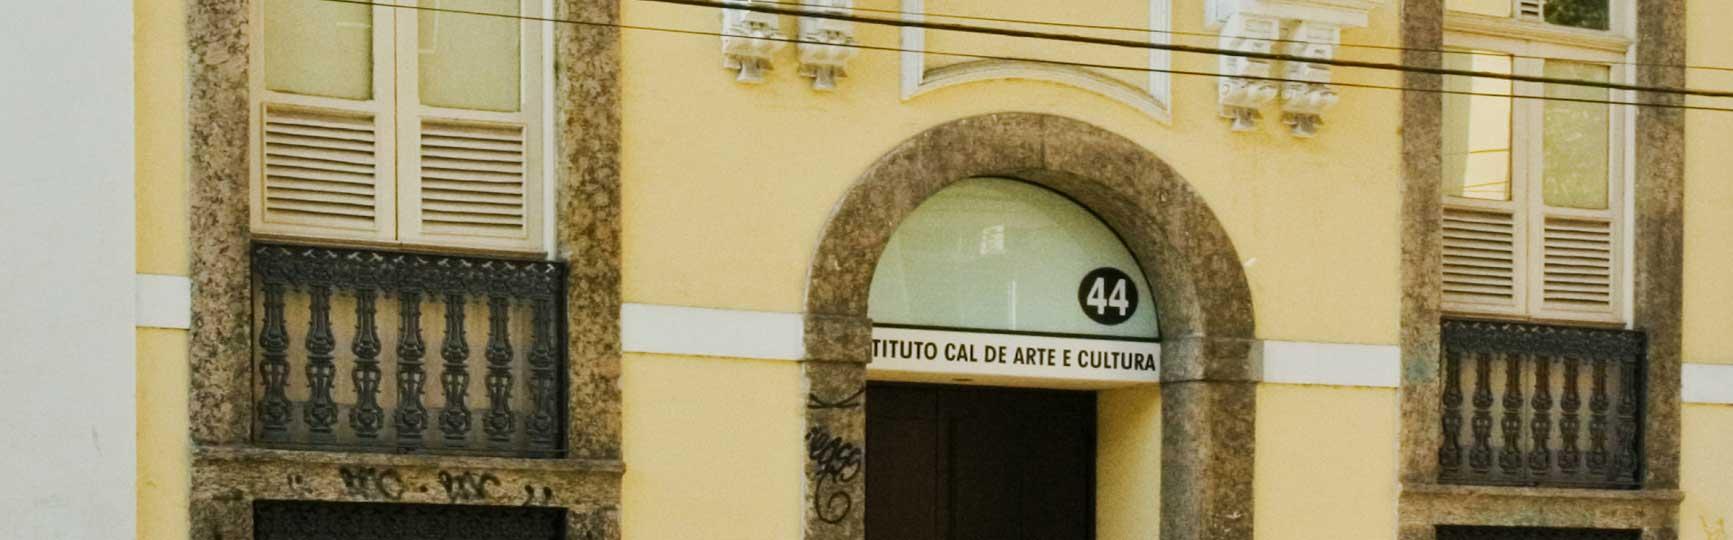 INSTITUTO CAL DE ARTE E CULTURA